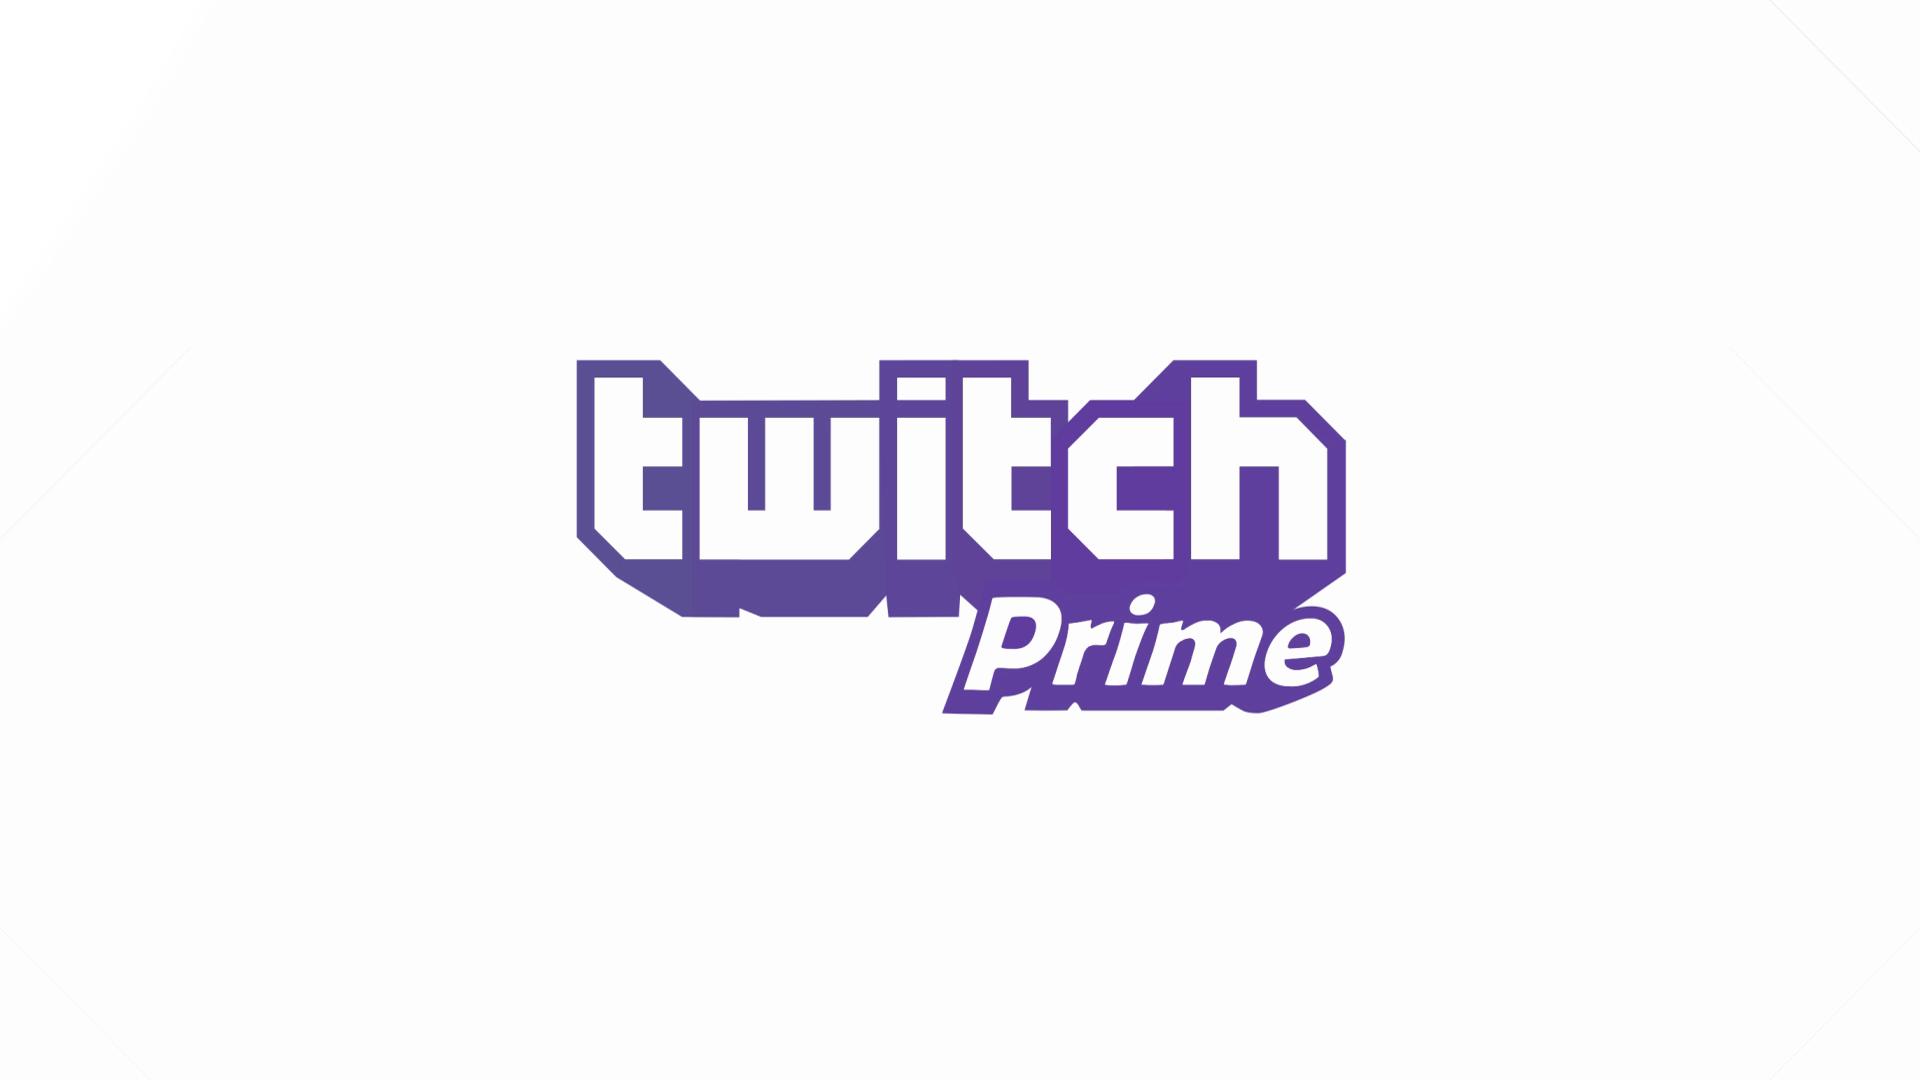 servicio-twitch-prime-ya-esta-disponible-mexico-frikigamers.com